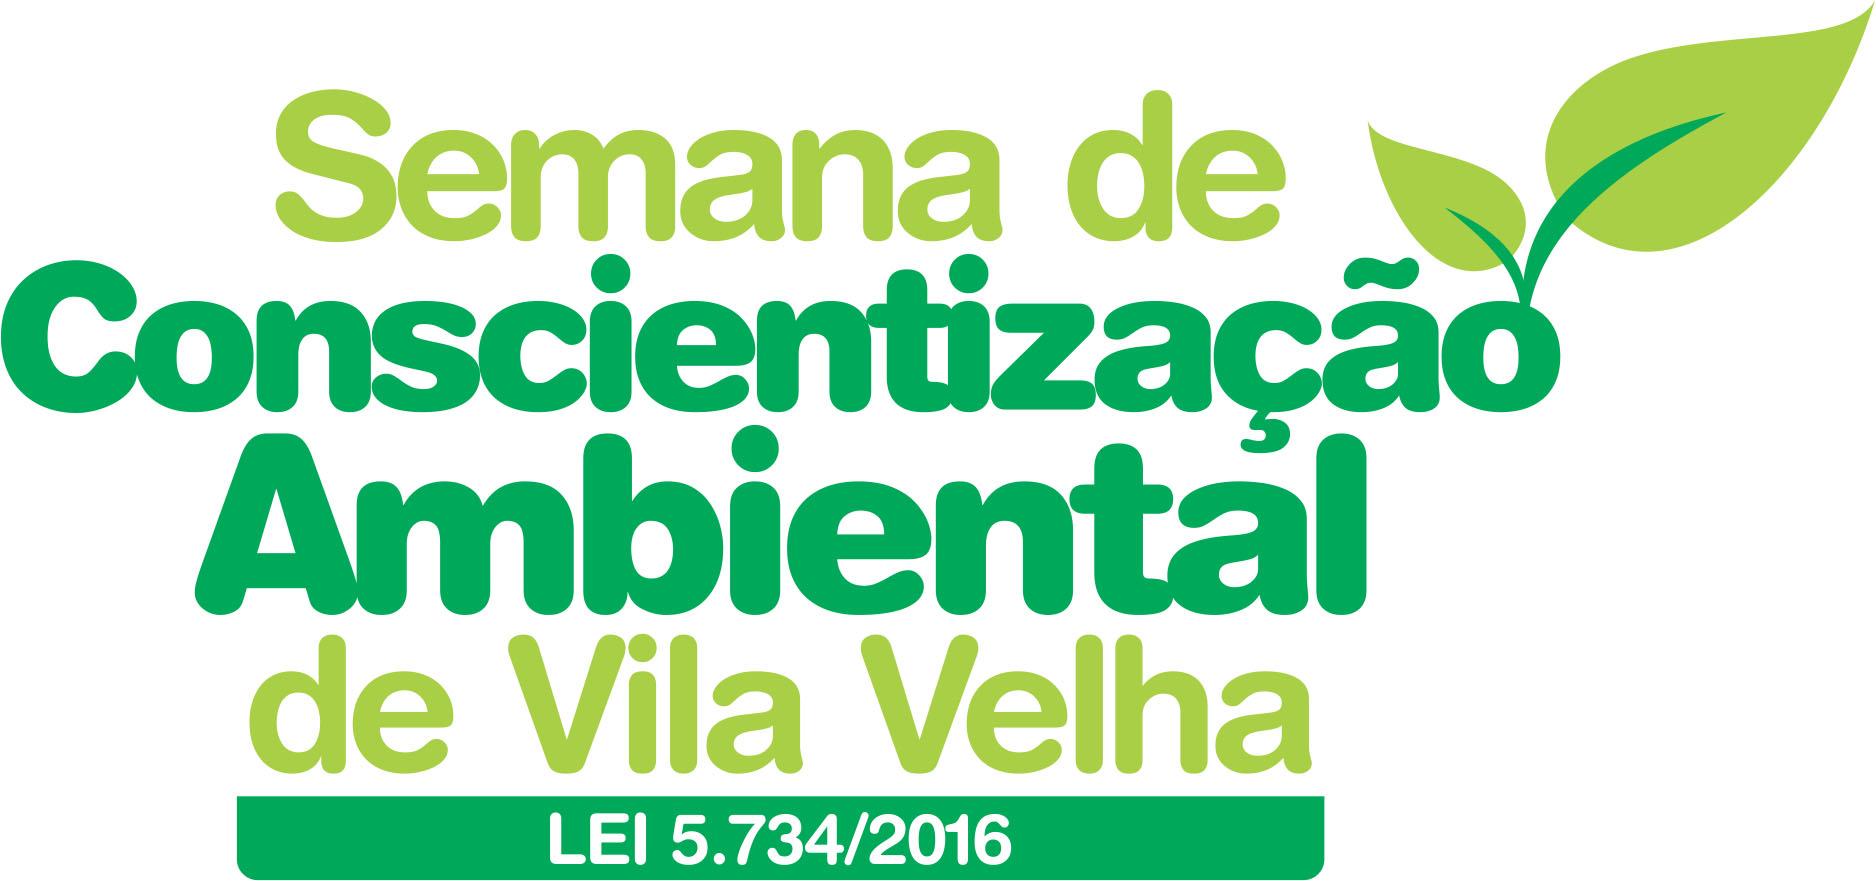 Lei de Chiabai garante Semana de Conscientização Ambiental de Vila Velha